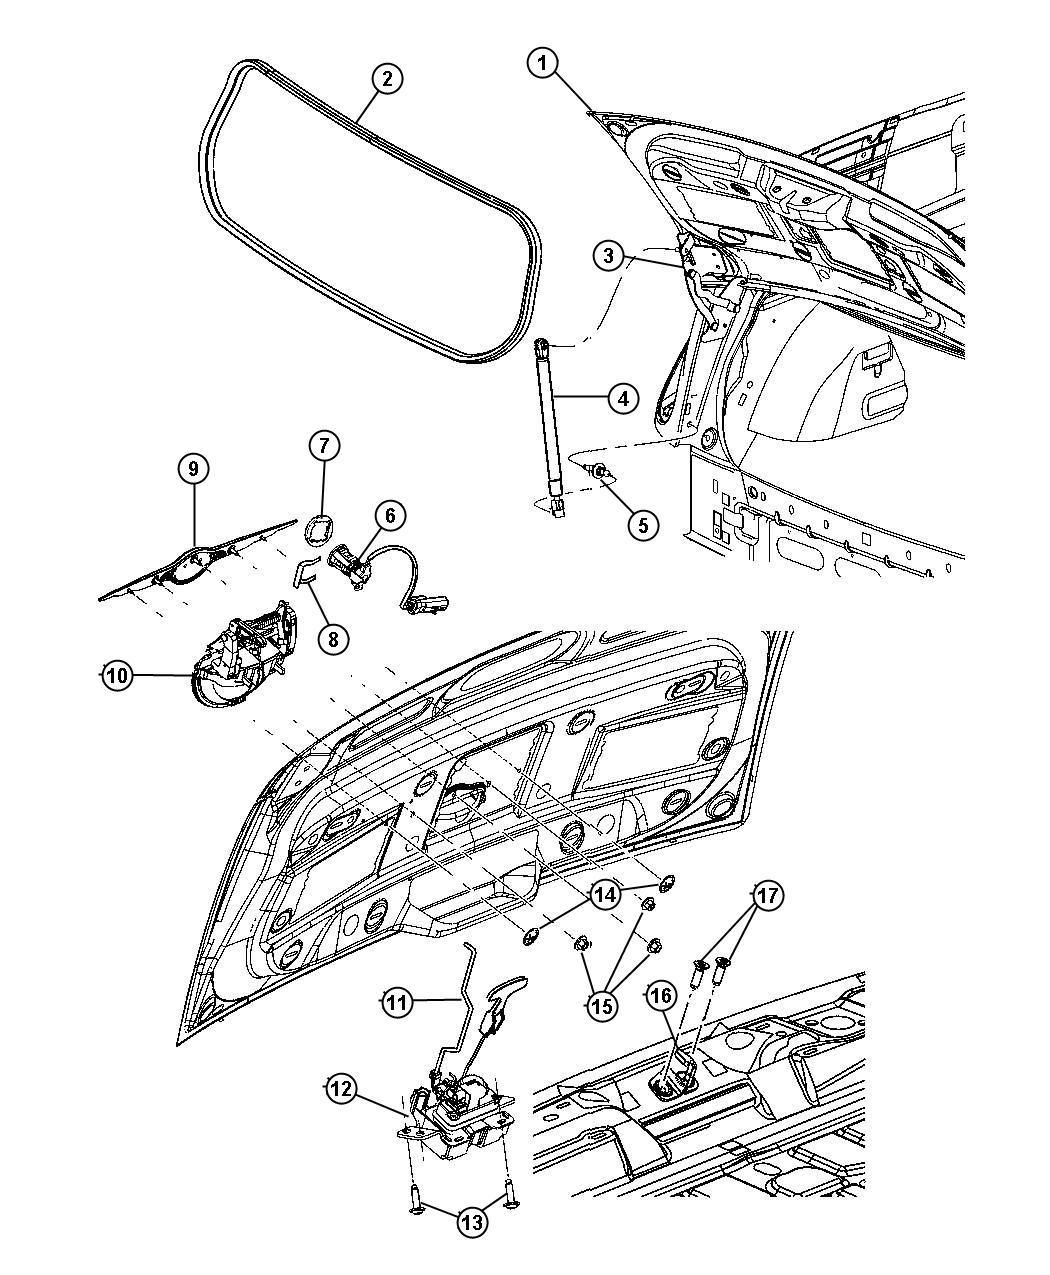 Chrysler Pt Cruiser Weatherstrip. Liftgate opening